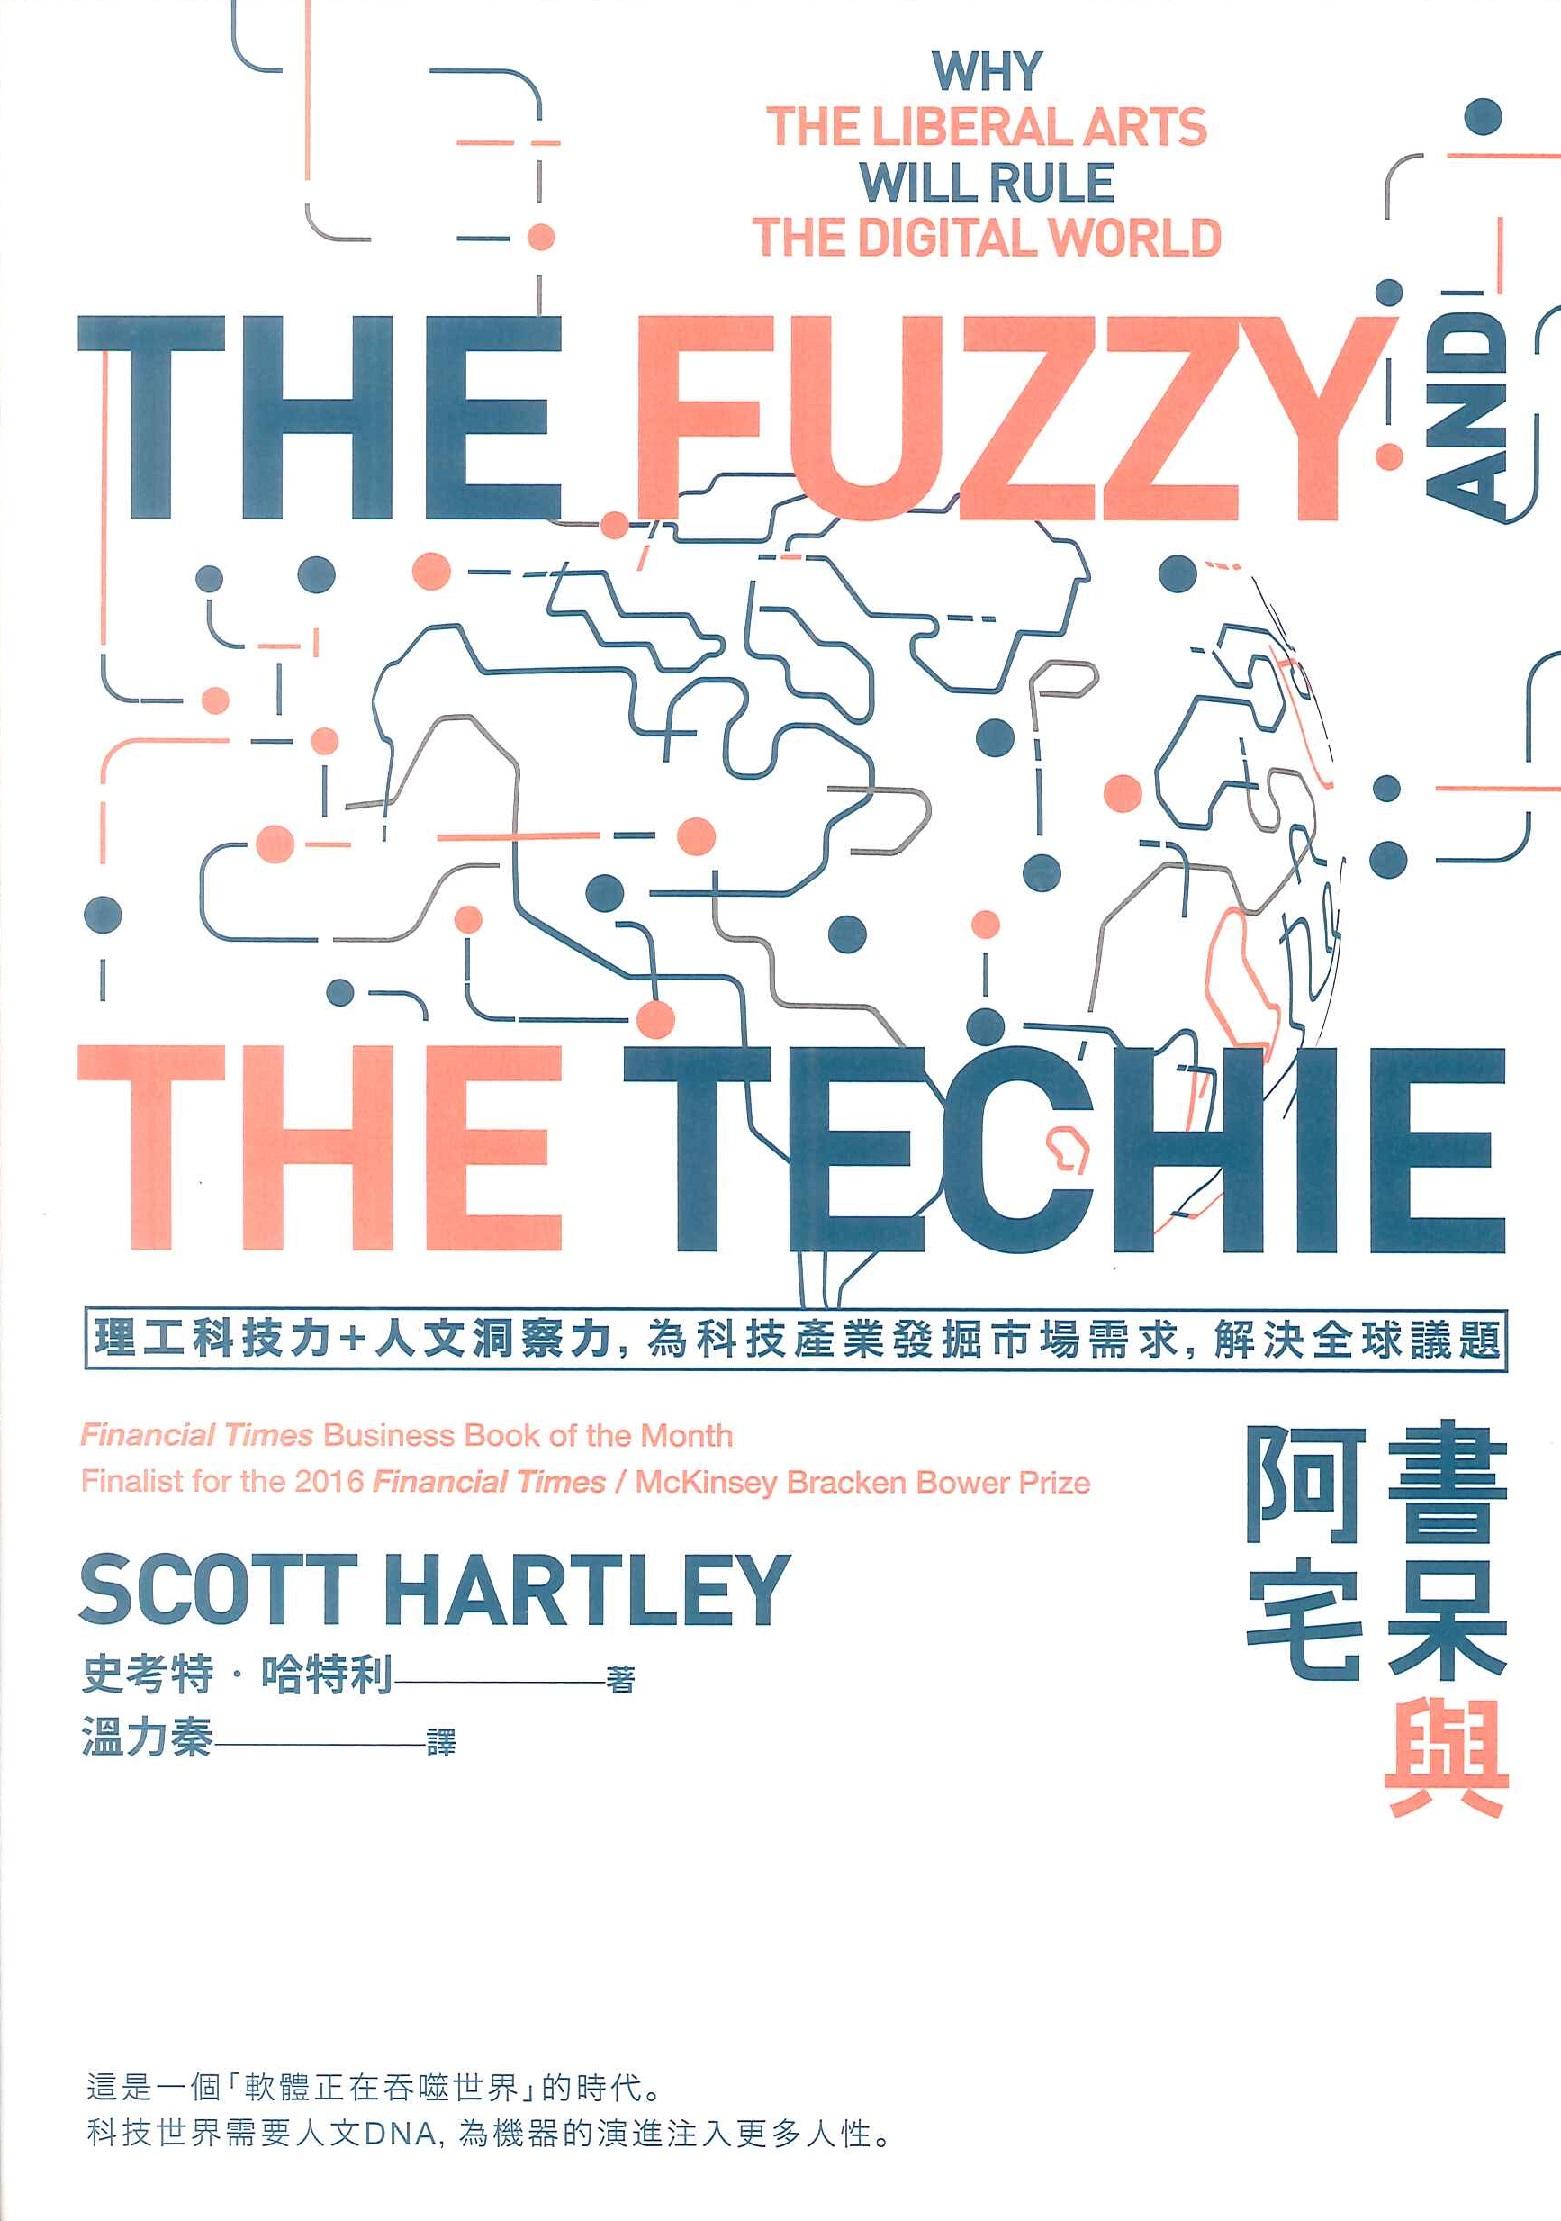 書呆與阿宅:理工科技力+人文洞察力,為科技產業發掘市場需求,解決全球議題